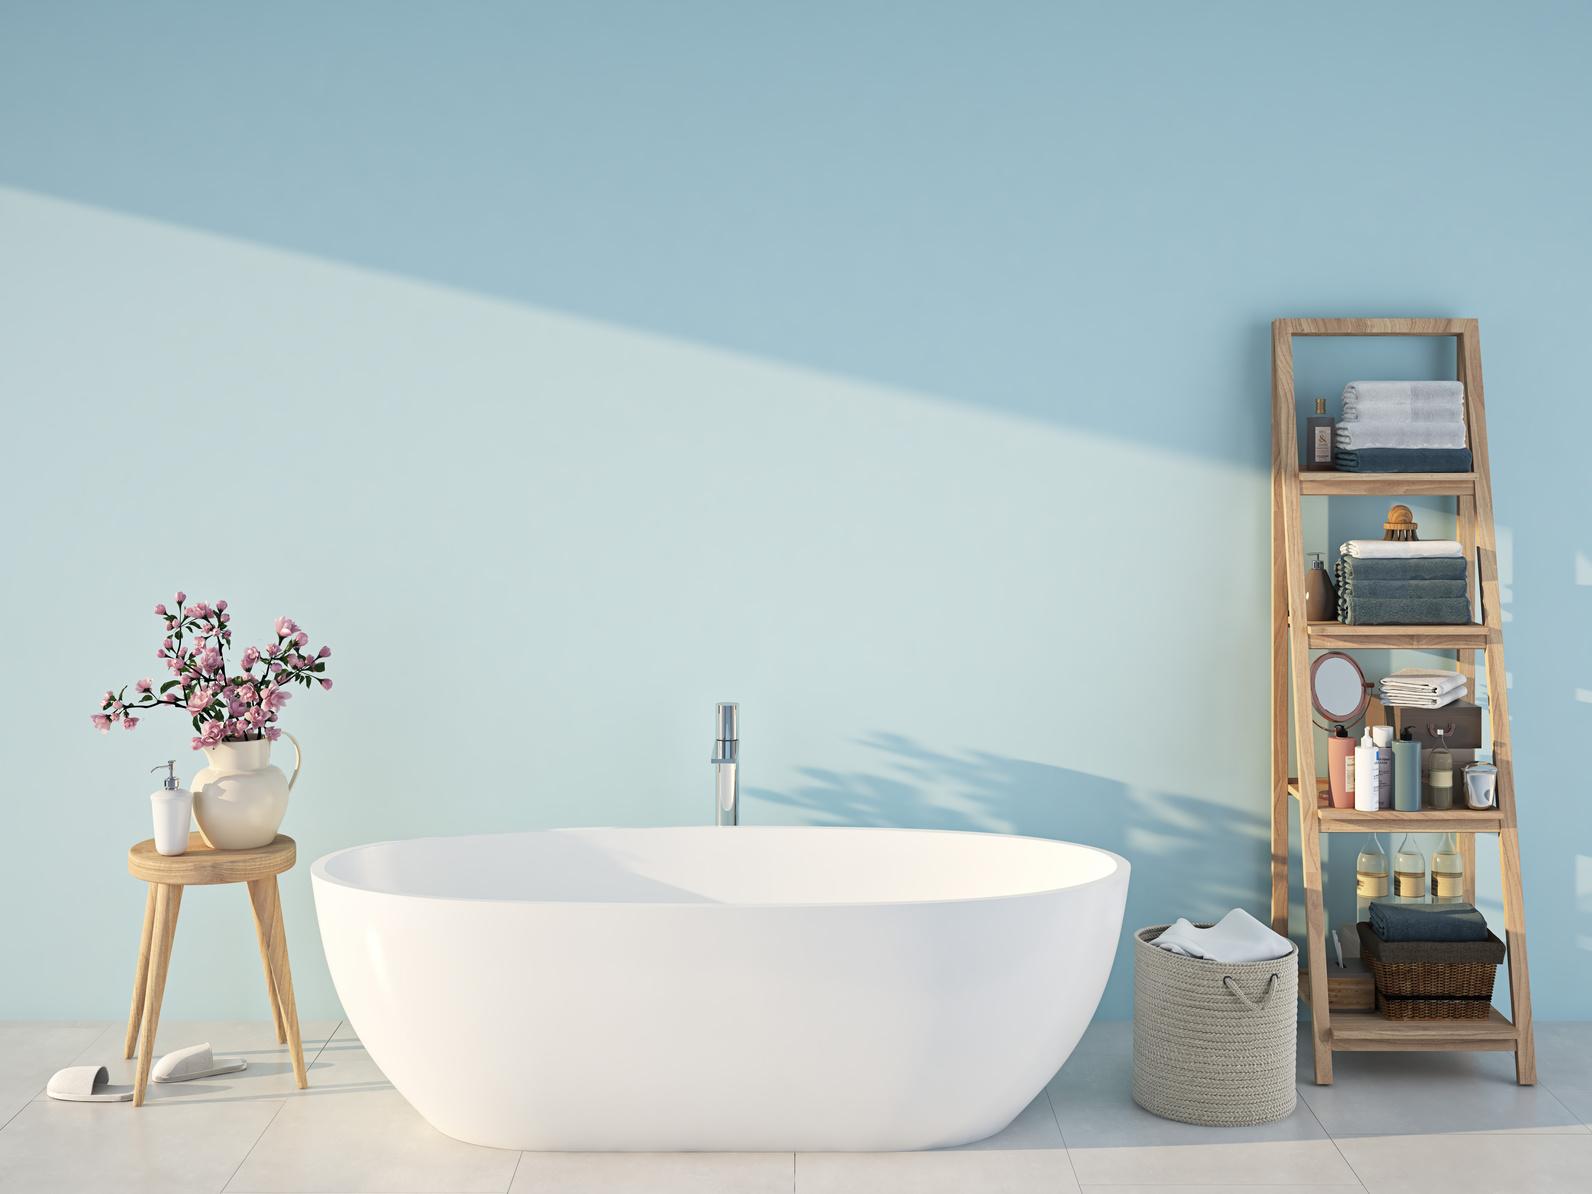 Radiateur Soufflant Consommation dedans quel chauffage soufflant pour salle de bain choisir ? - le blog de